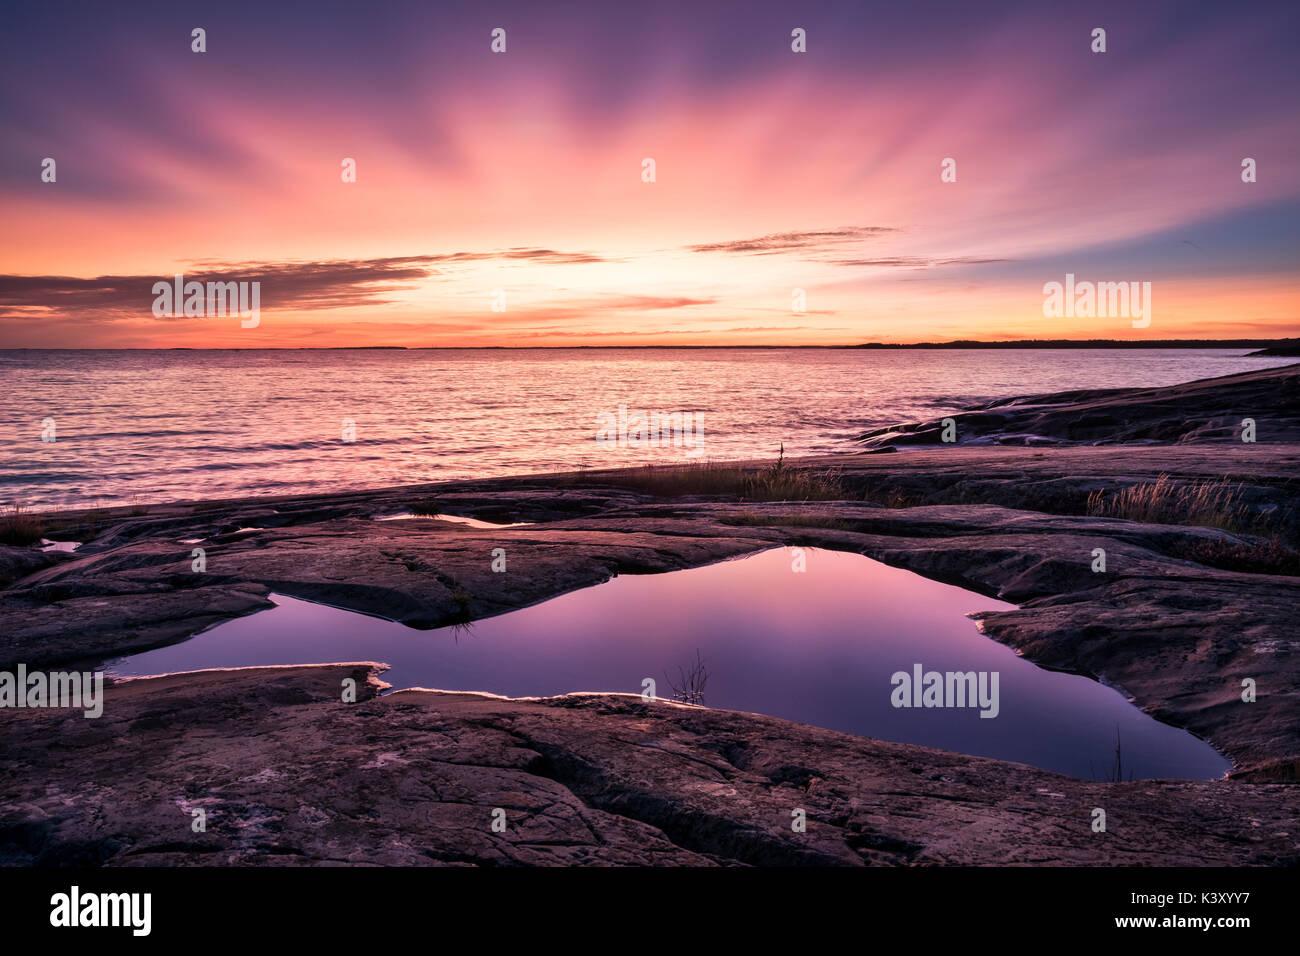 Epic tramonto con colori splendidi e di mare in serata autunnale in Porkkalanniemi, Finlandia Immagini Stock